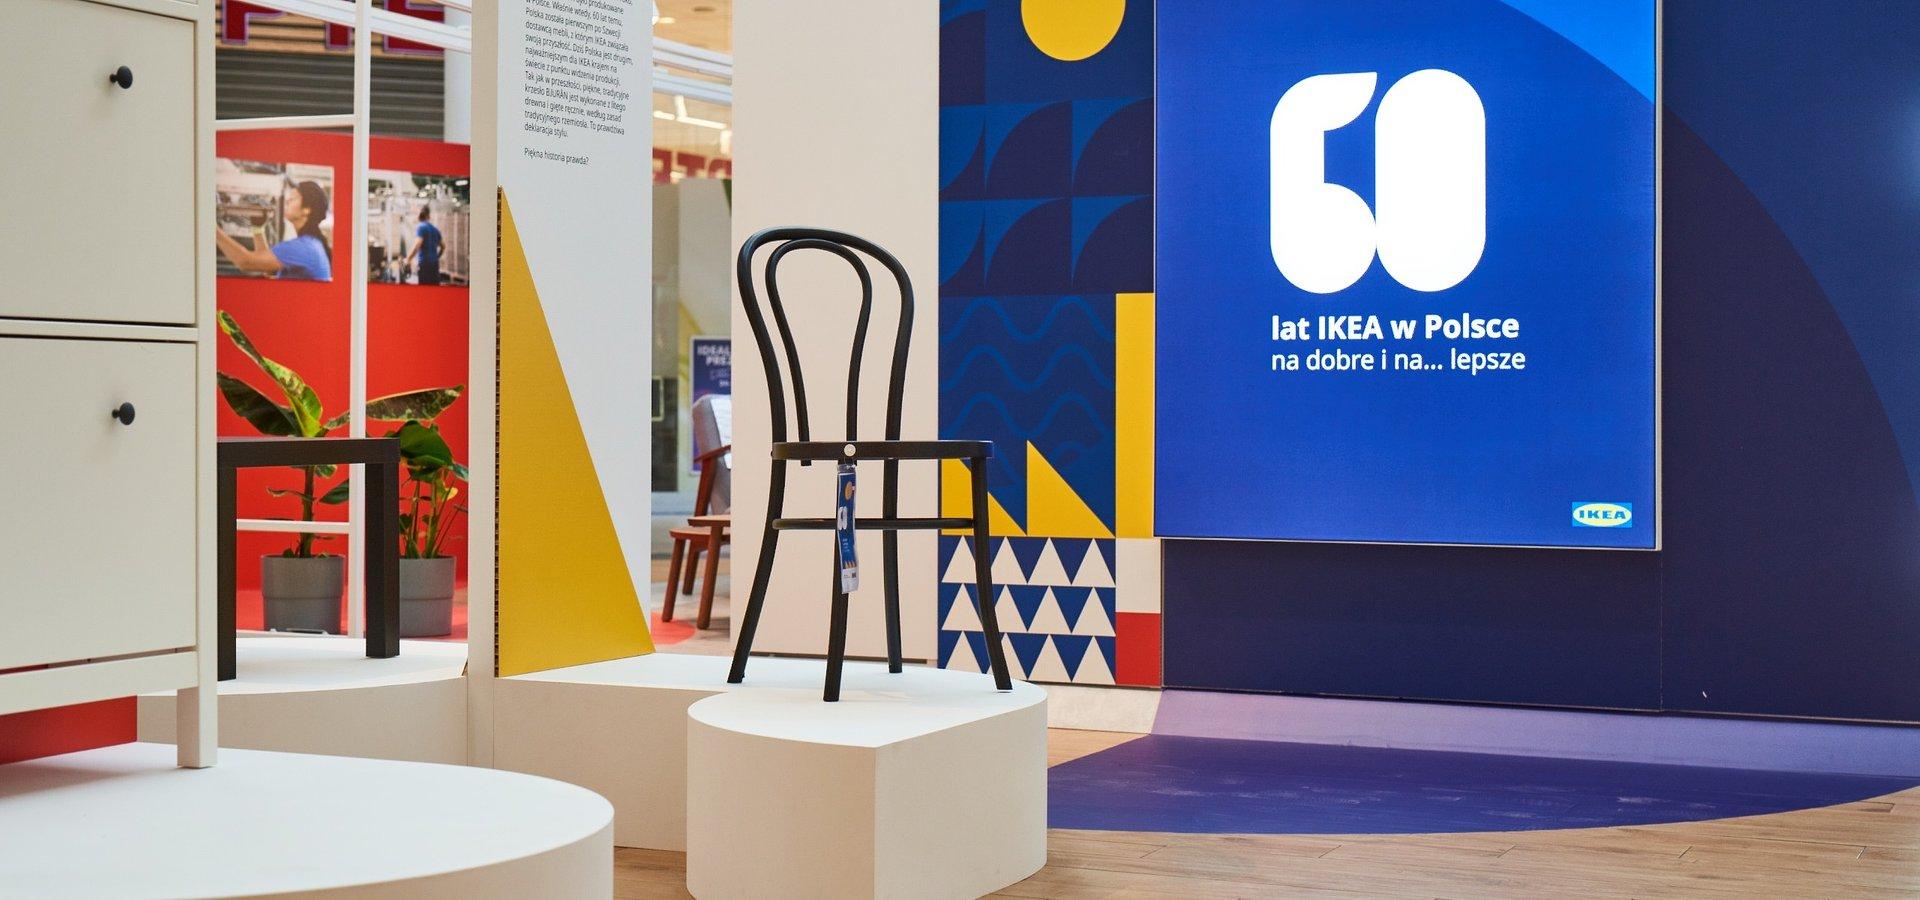 IKEA zaprasza na wystawę z okazji 60 lat współpracy z Polską